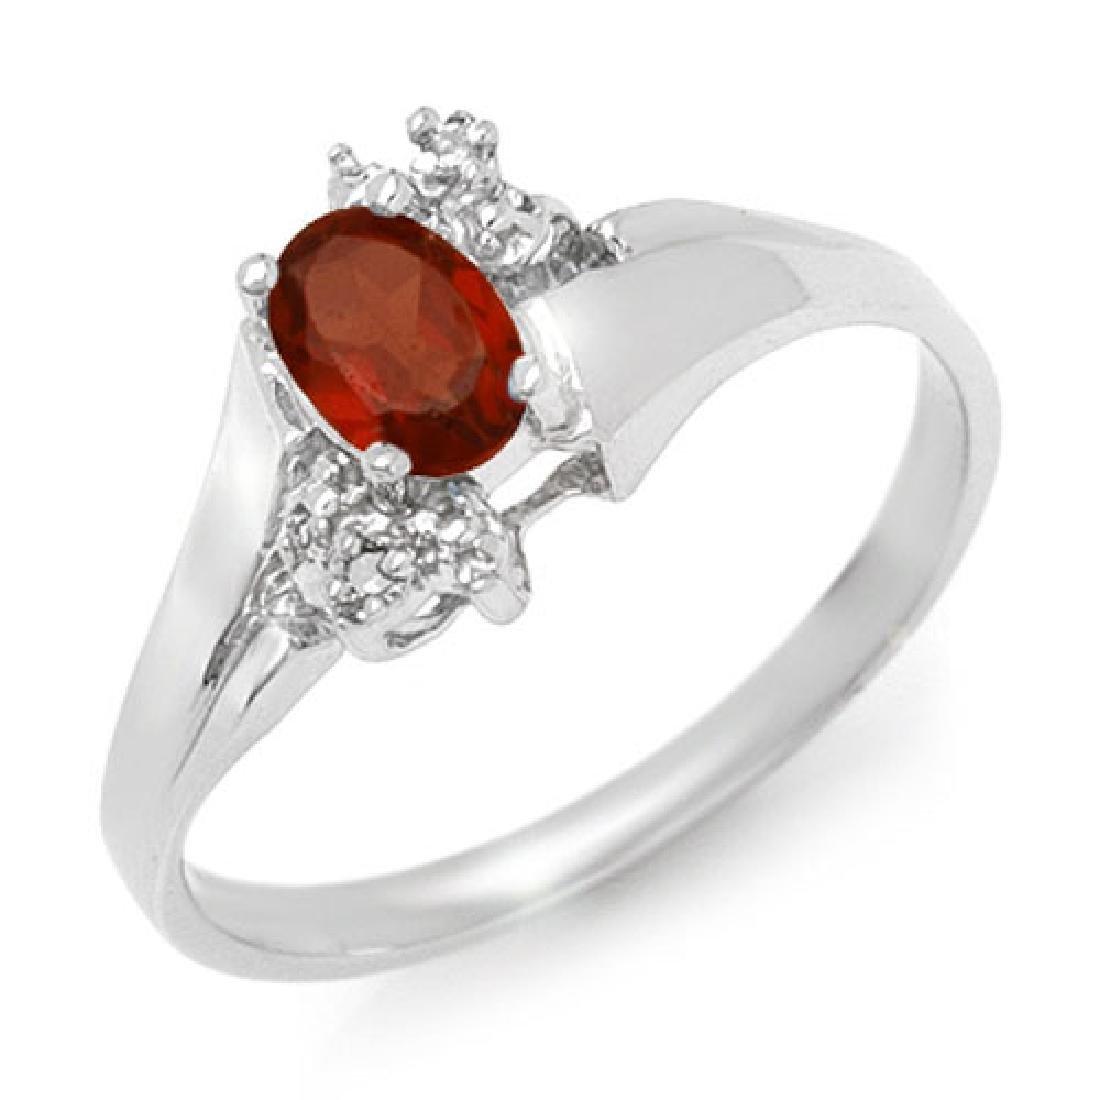 0.52 CTW Garnet & Diamond Ring 10K White Gold